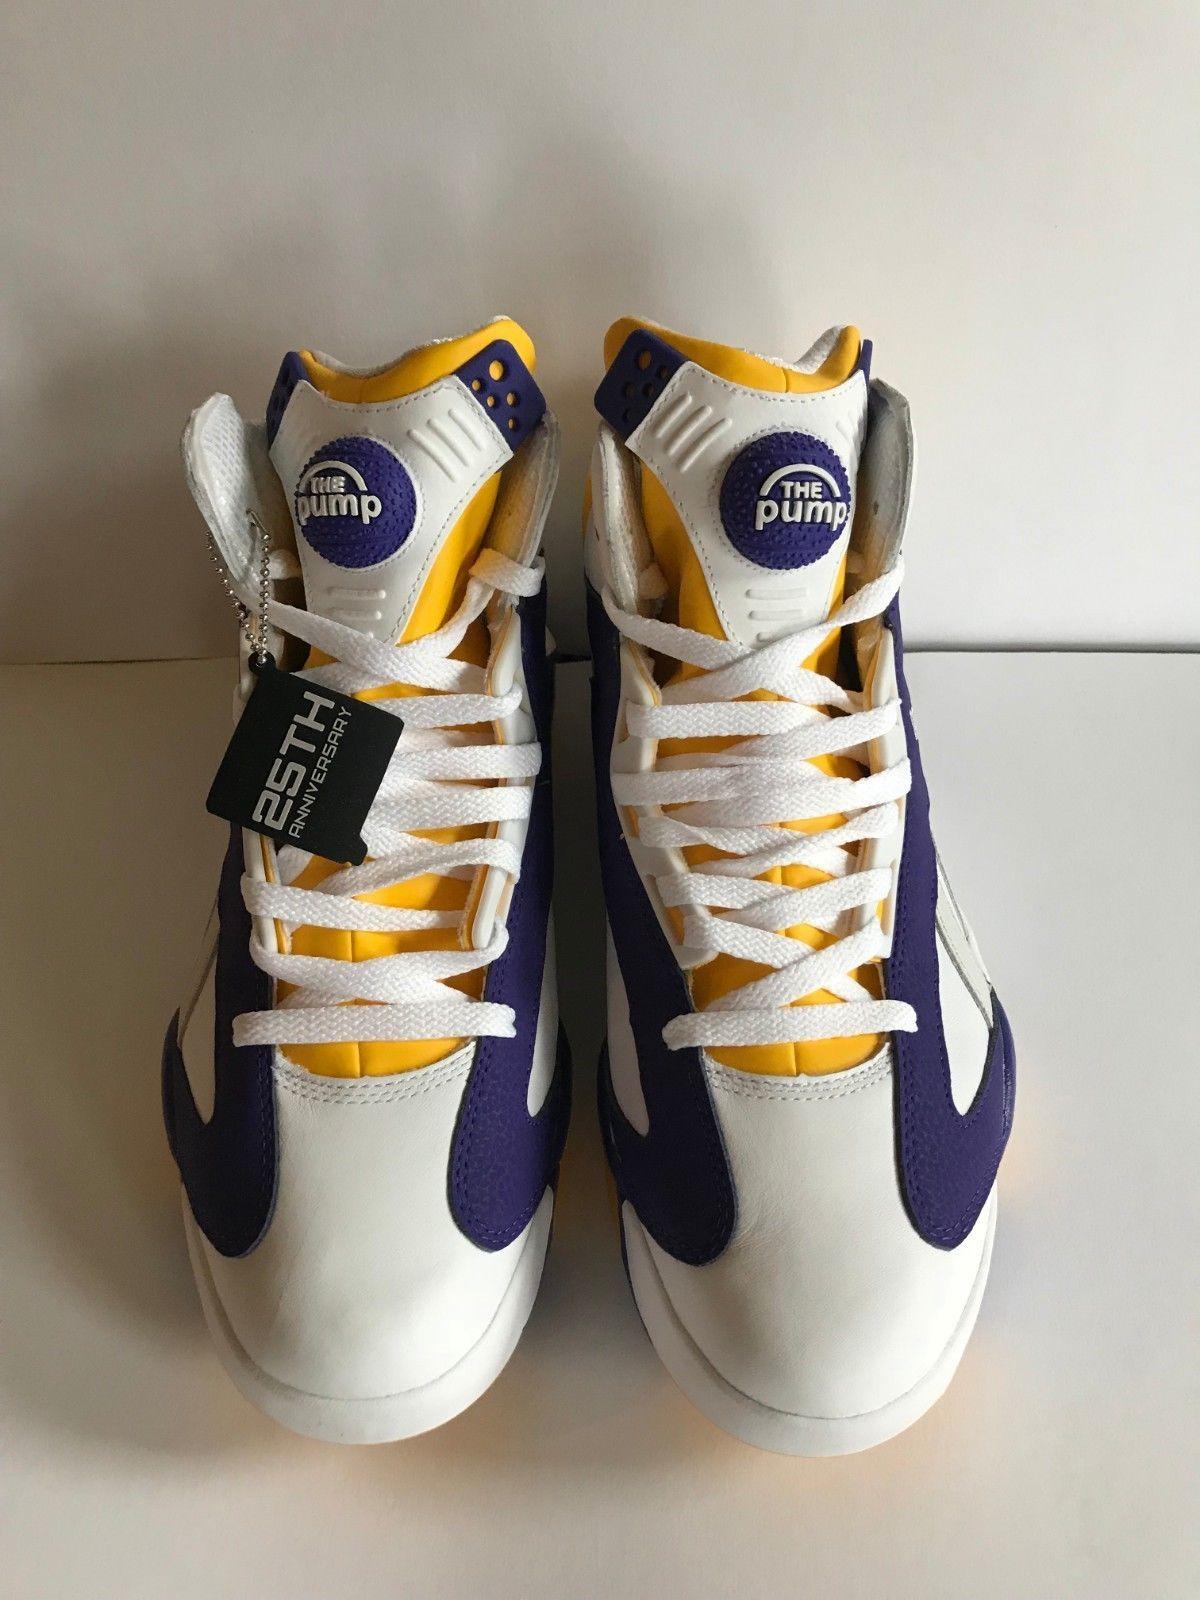 dea1537bc8fd amazing reebok pump shoes shaq brand rare nba orlando magic colors reebok  pumps pump shoes mens 50% off 7ee98 161c3